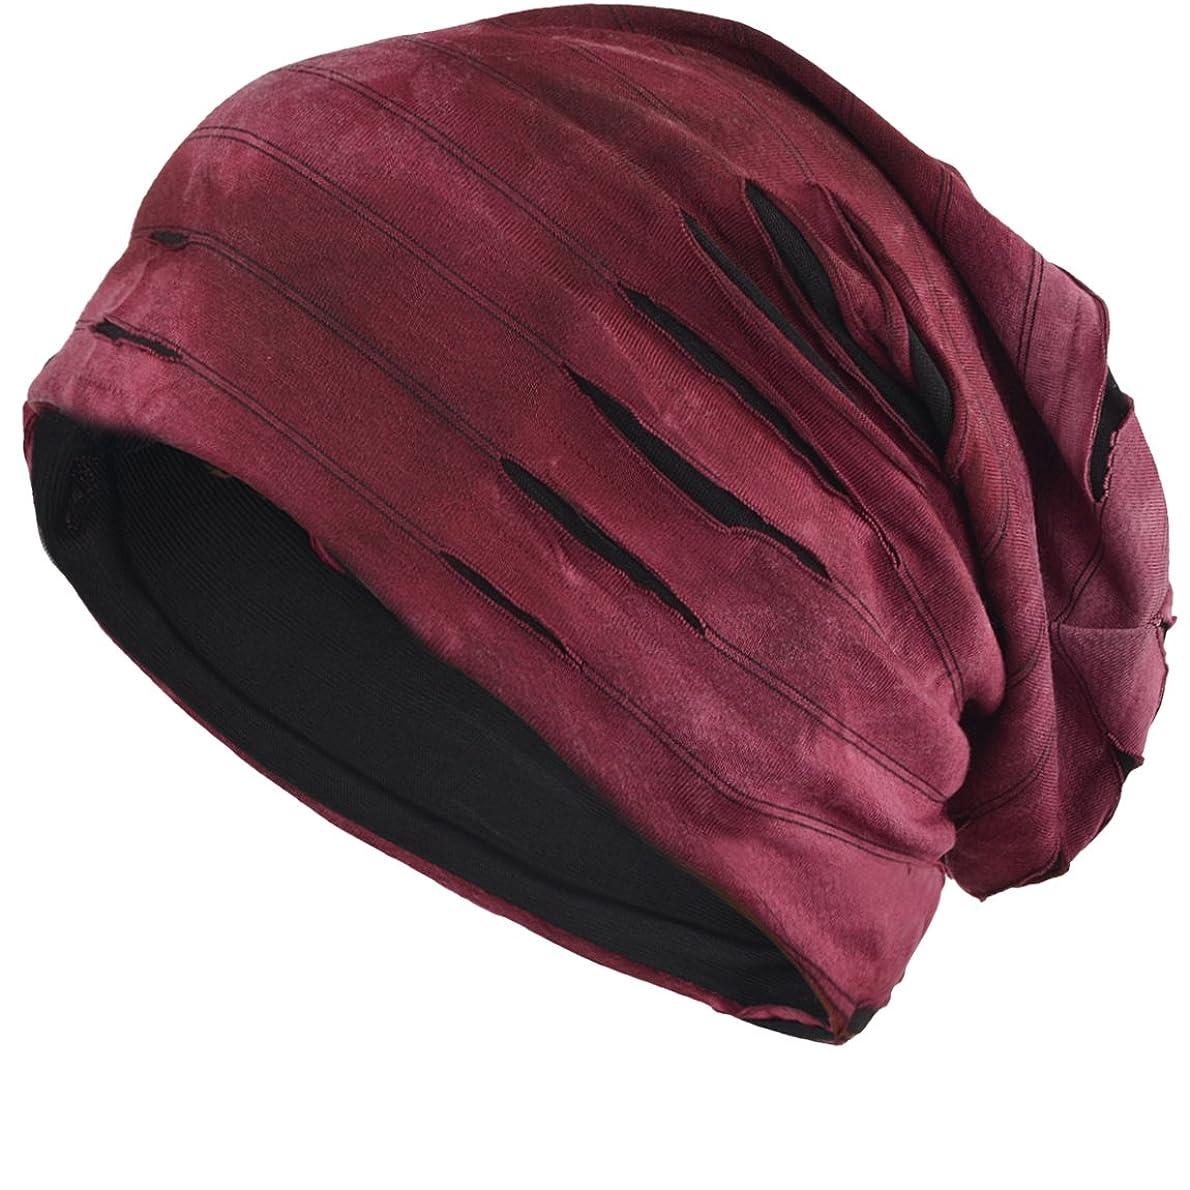 誇張する重大占めるFORBUSITE ニット帽 メンズ 夏用 サマーニット帽 薄手 ゆったり被れるニットキャップ ユニセックス 通気性 室内用帽子 B090